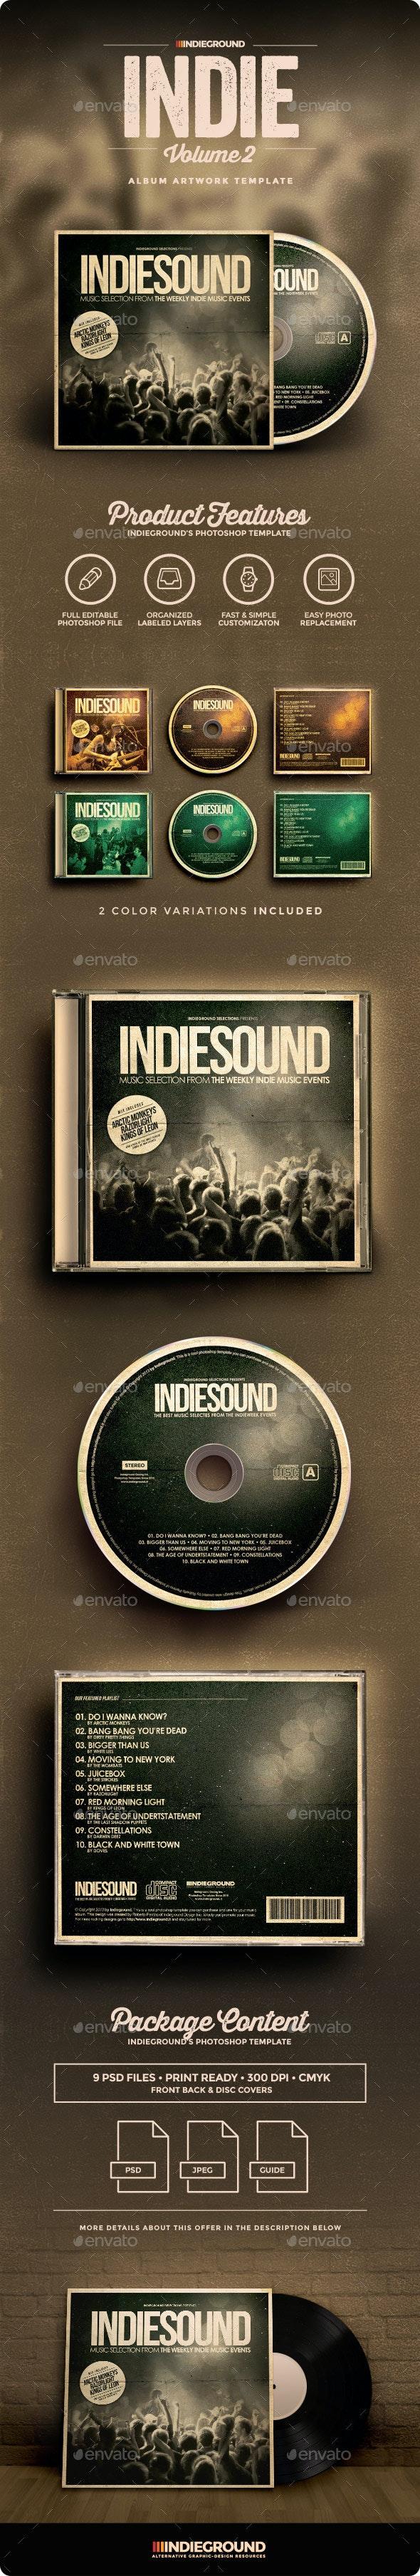 Indie CD Album Artwork Vol. 2 - CD & DVD Artwork Print Templates